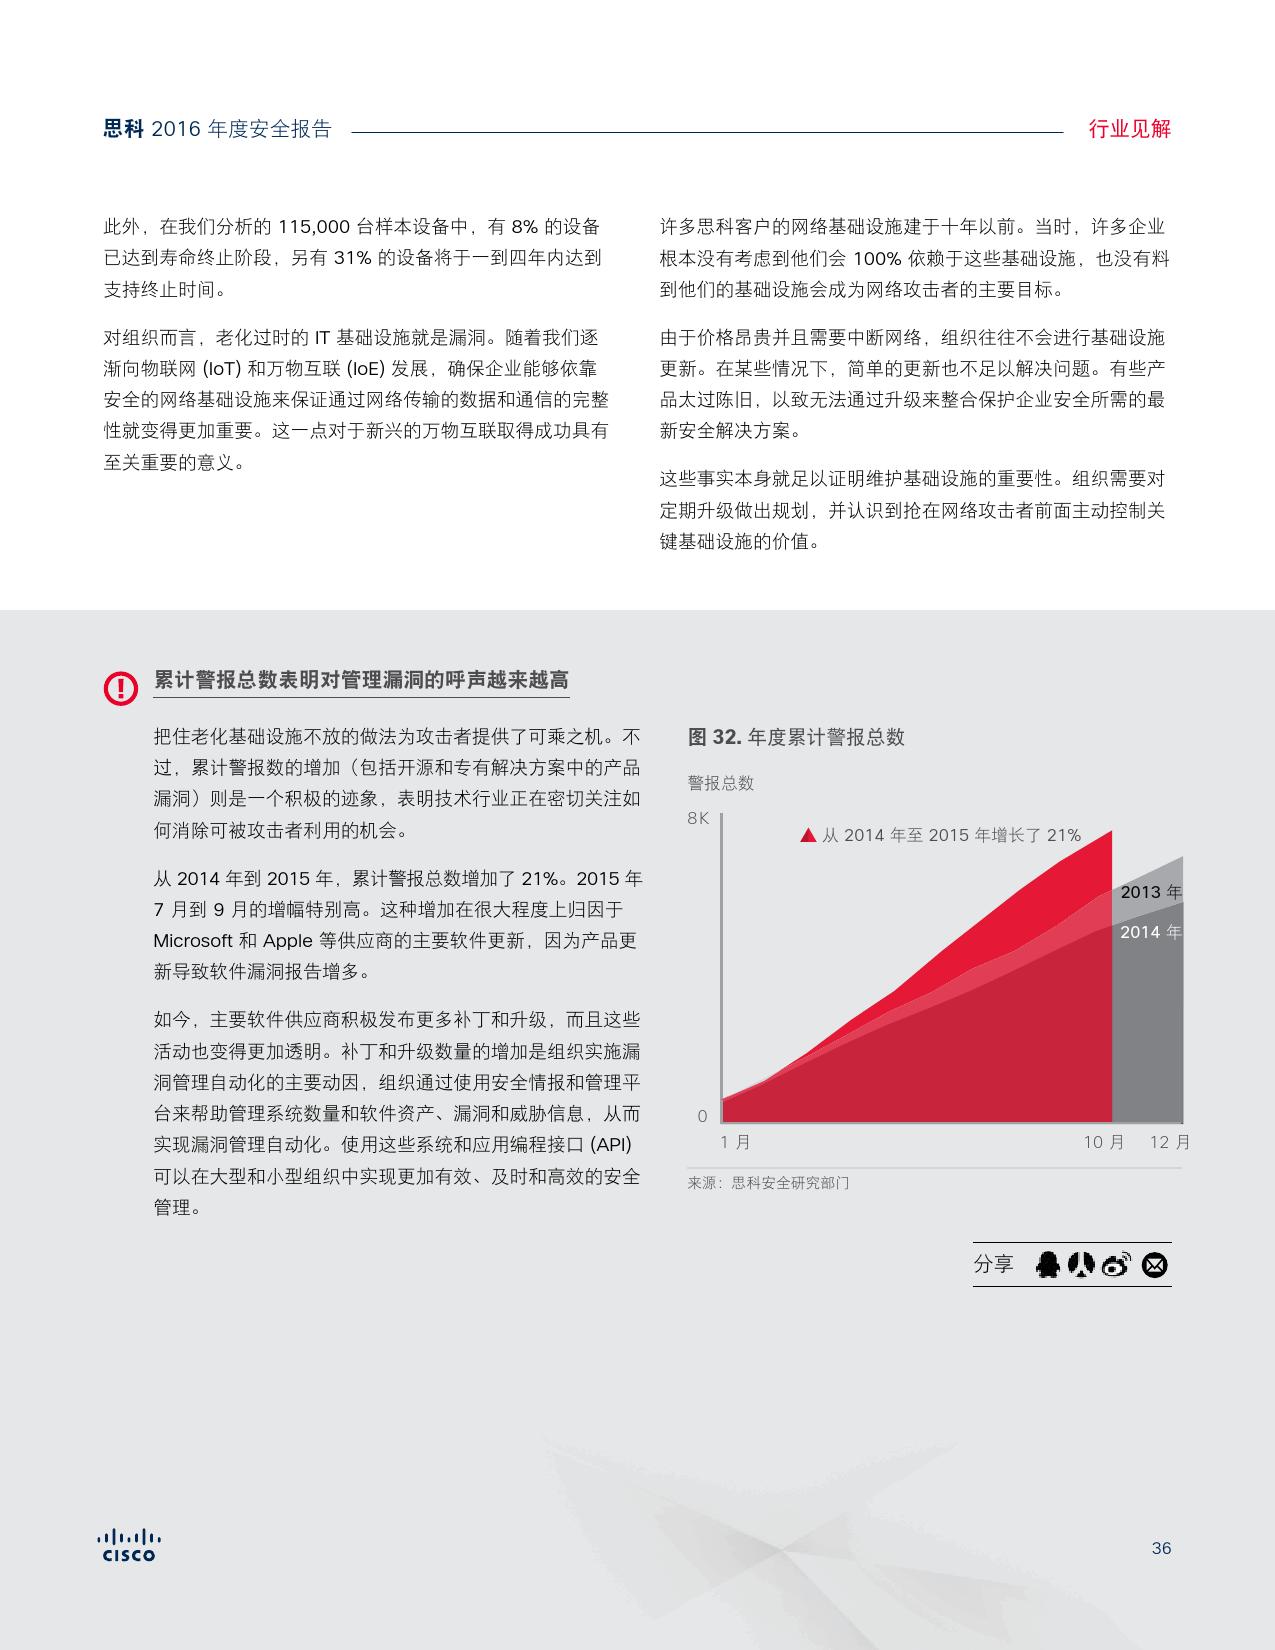 2016年中网络安全报告_000036